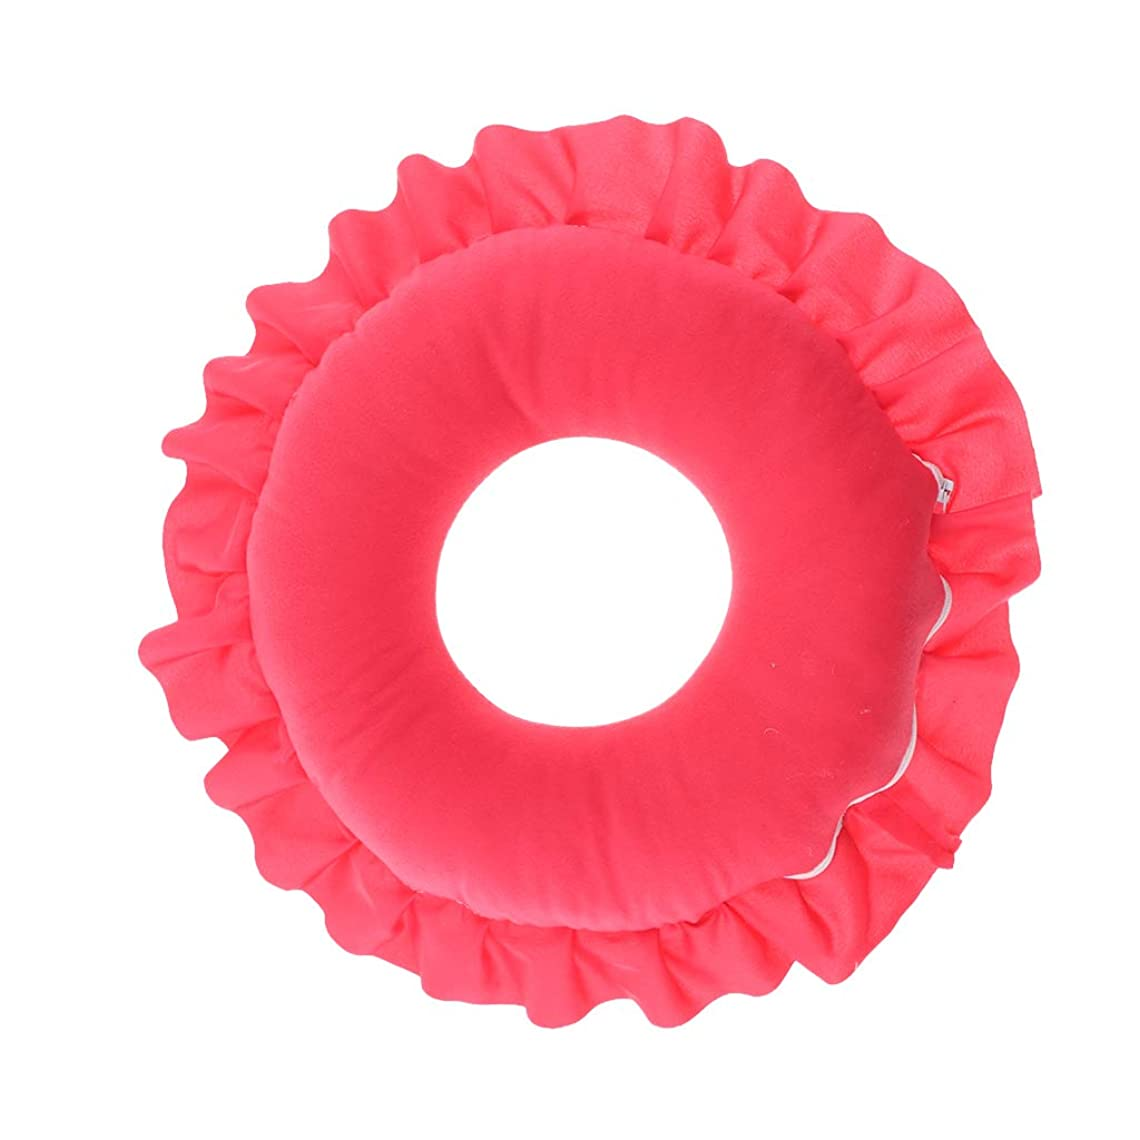 虚弱味派手マッサージ枕 顔枕 マッサージピロー 美容院 柔らかくて快適 取り外し可能 洗える 全4色 - 赤